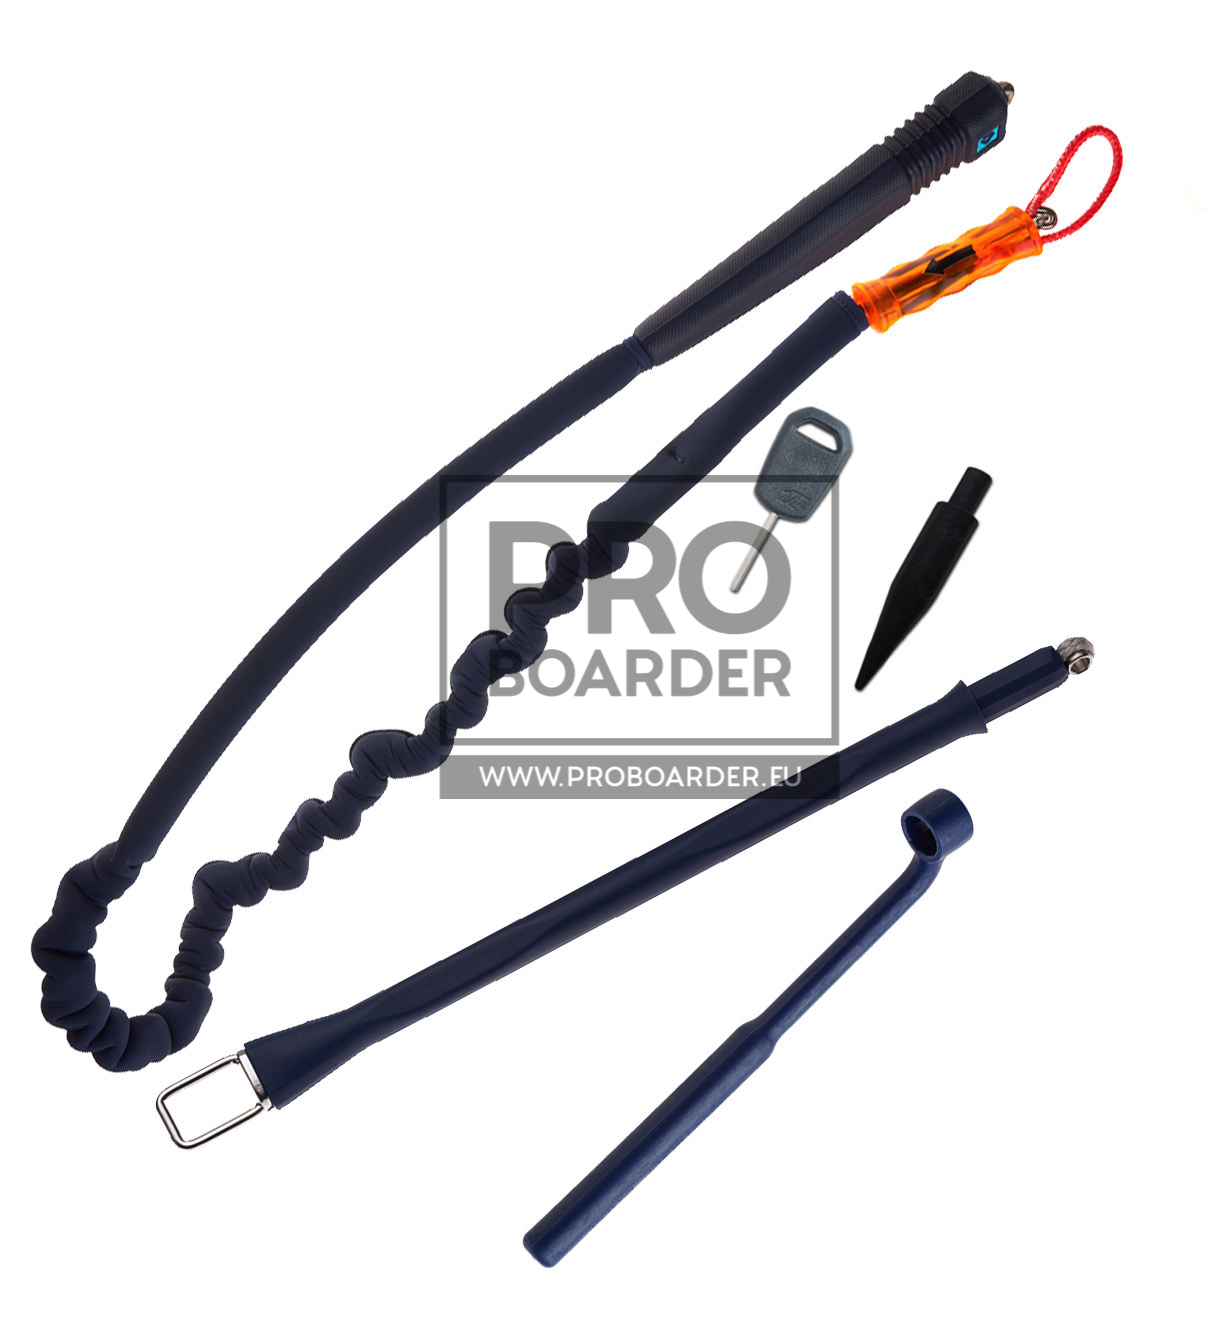 Quick Release Rope Harness Kit 2020 - Chickenloop und Leash für Bars von Duotone